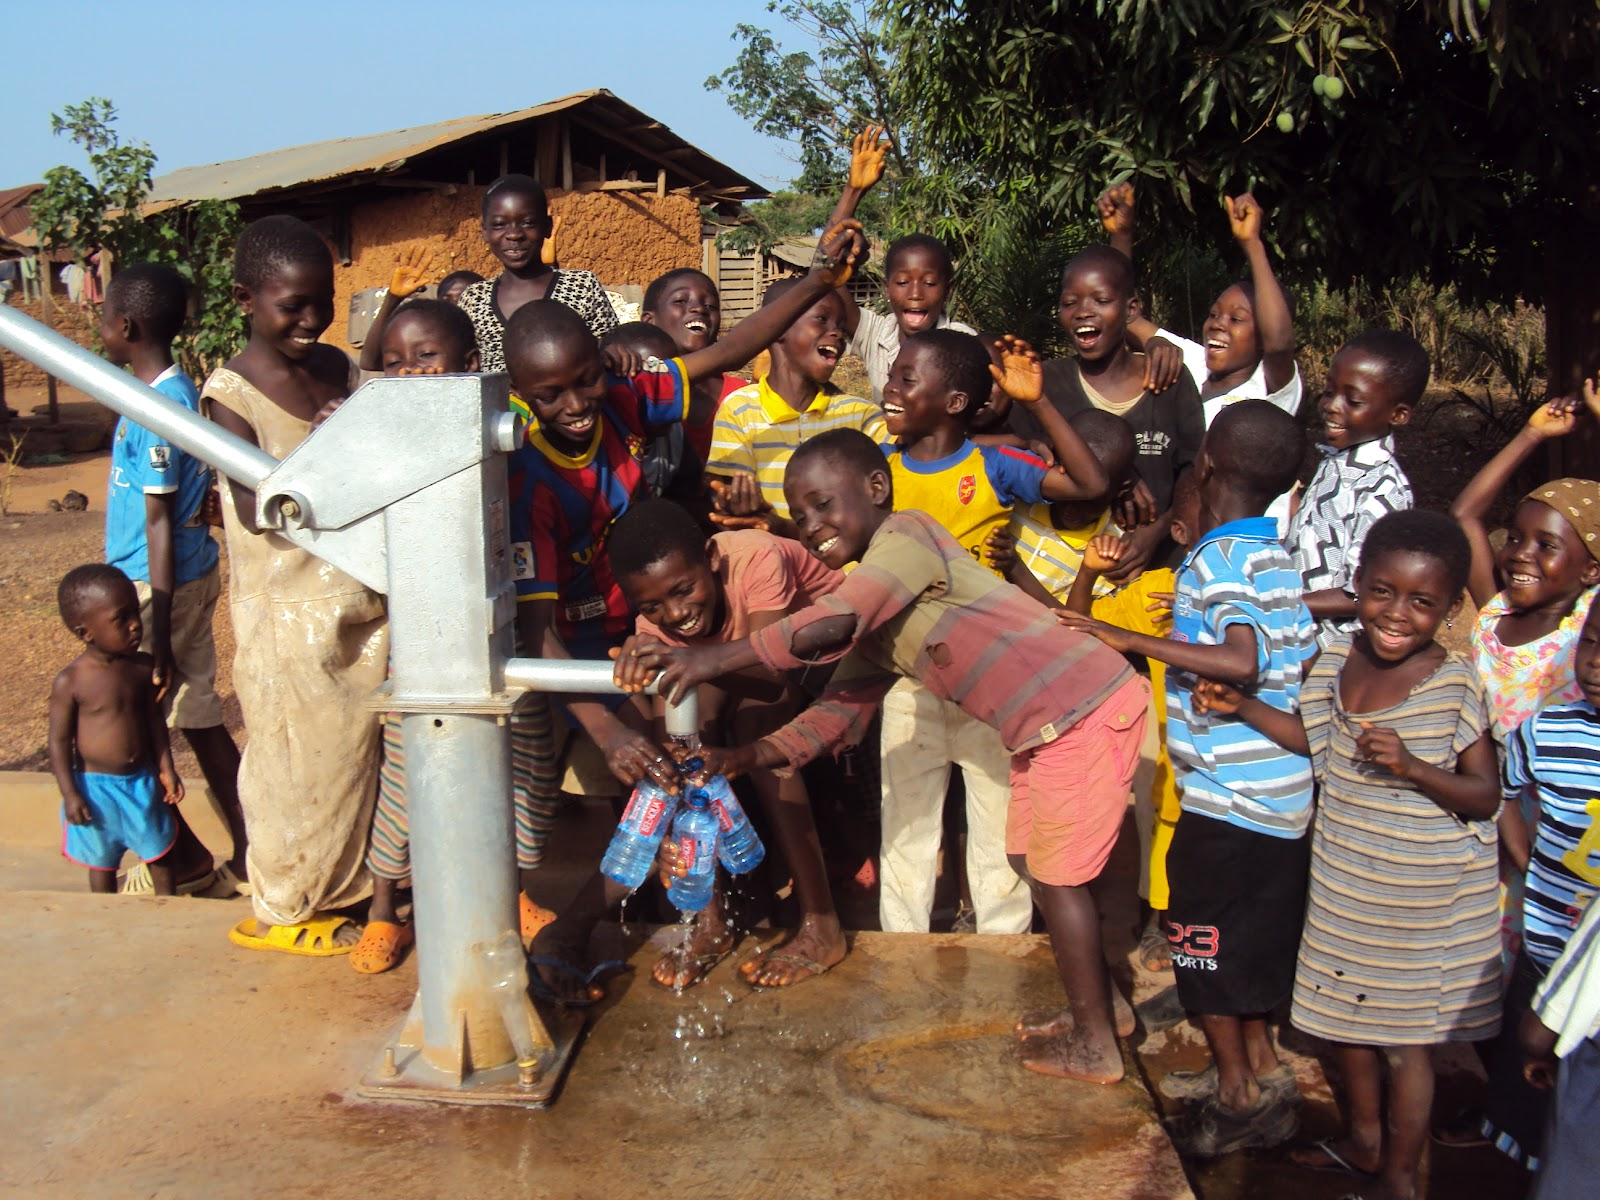 http://3.bp.blogspot.com/-gOA4MYidL_w/T1COfuc9HRI/AAAAAAAAAP4/uy-3xYKDE0c/s1600/children%20celebrate%20water.JPG